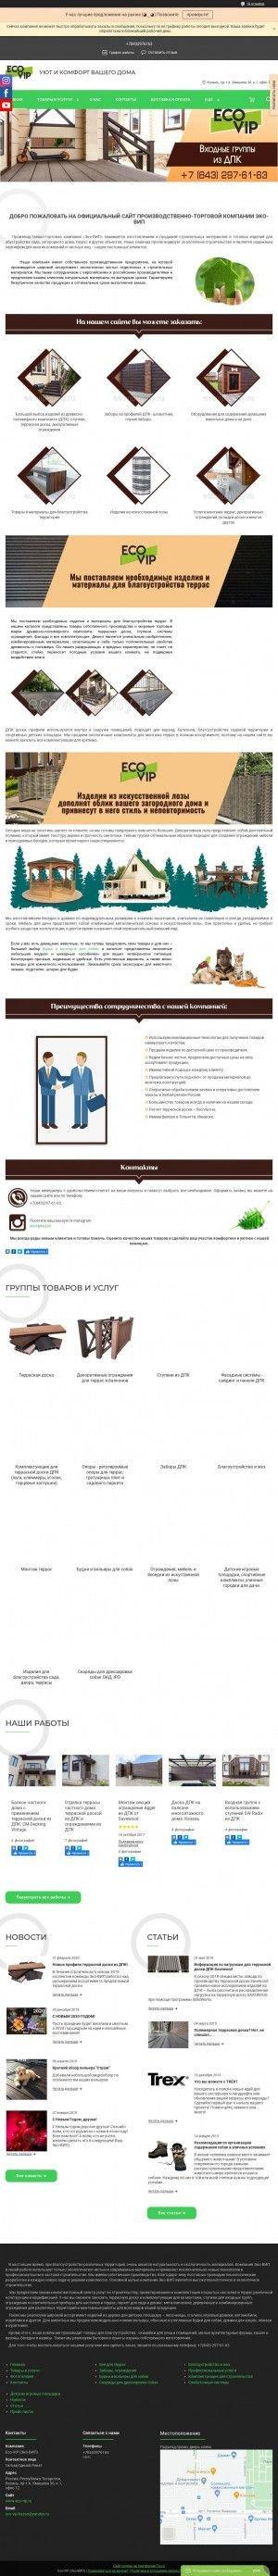 Предпросмотр для www.ecovip-stroy.ru — Эко-Вип